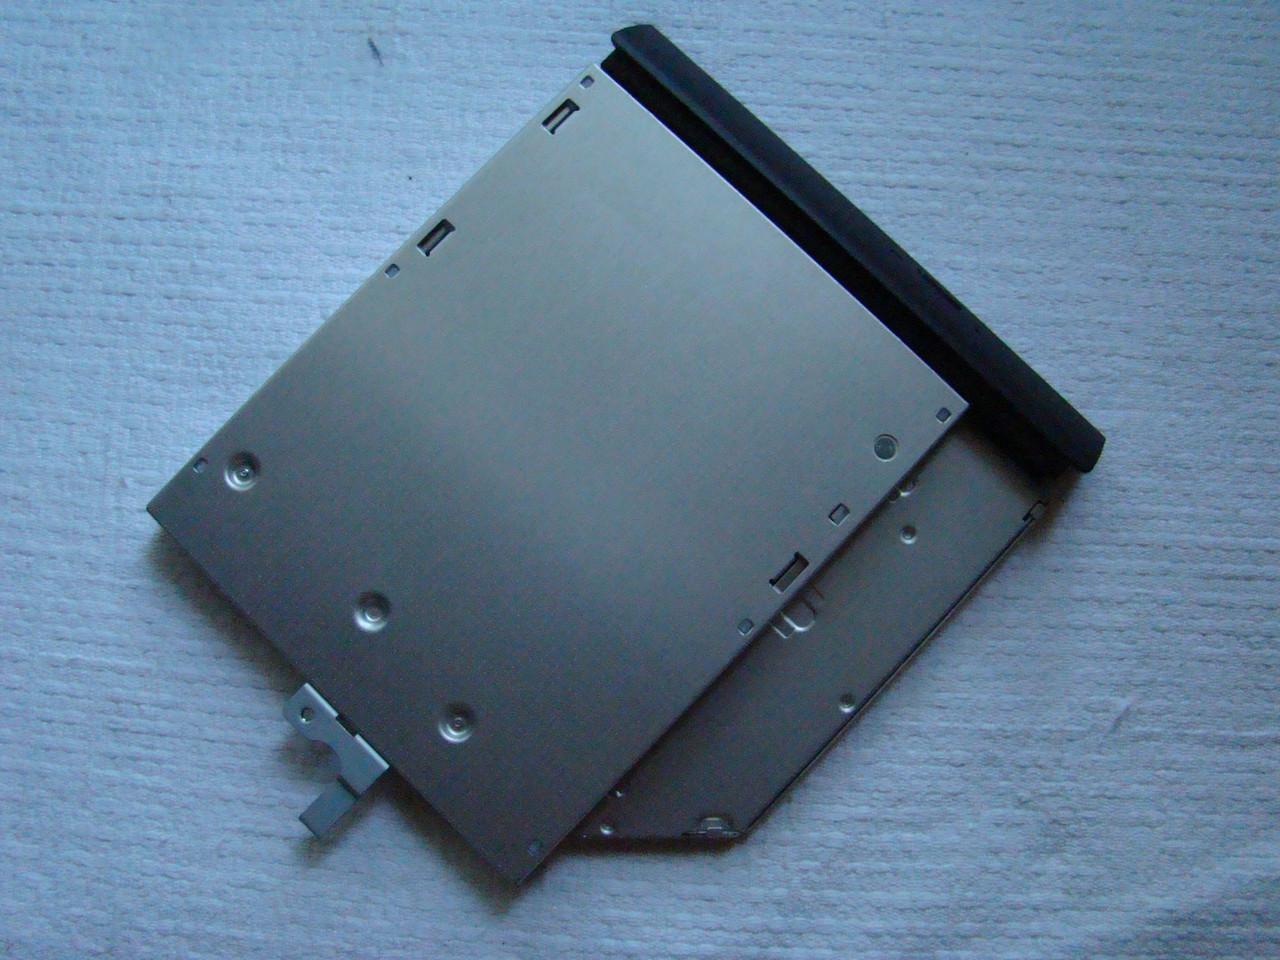 Acer 7739 dvd